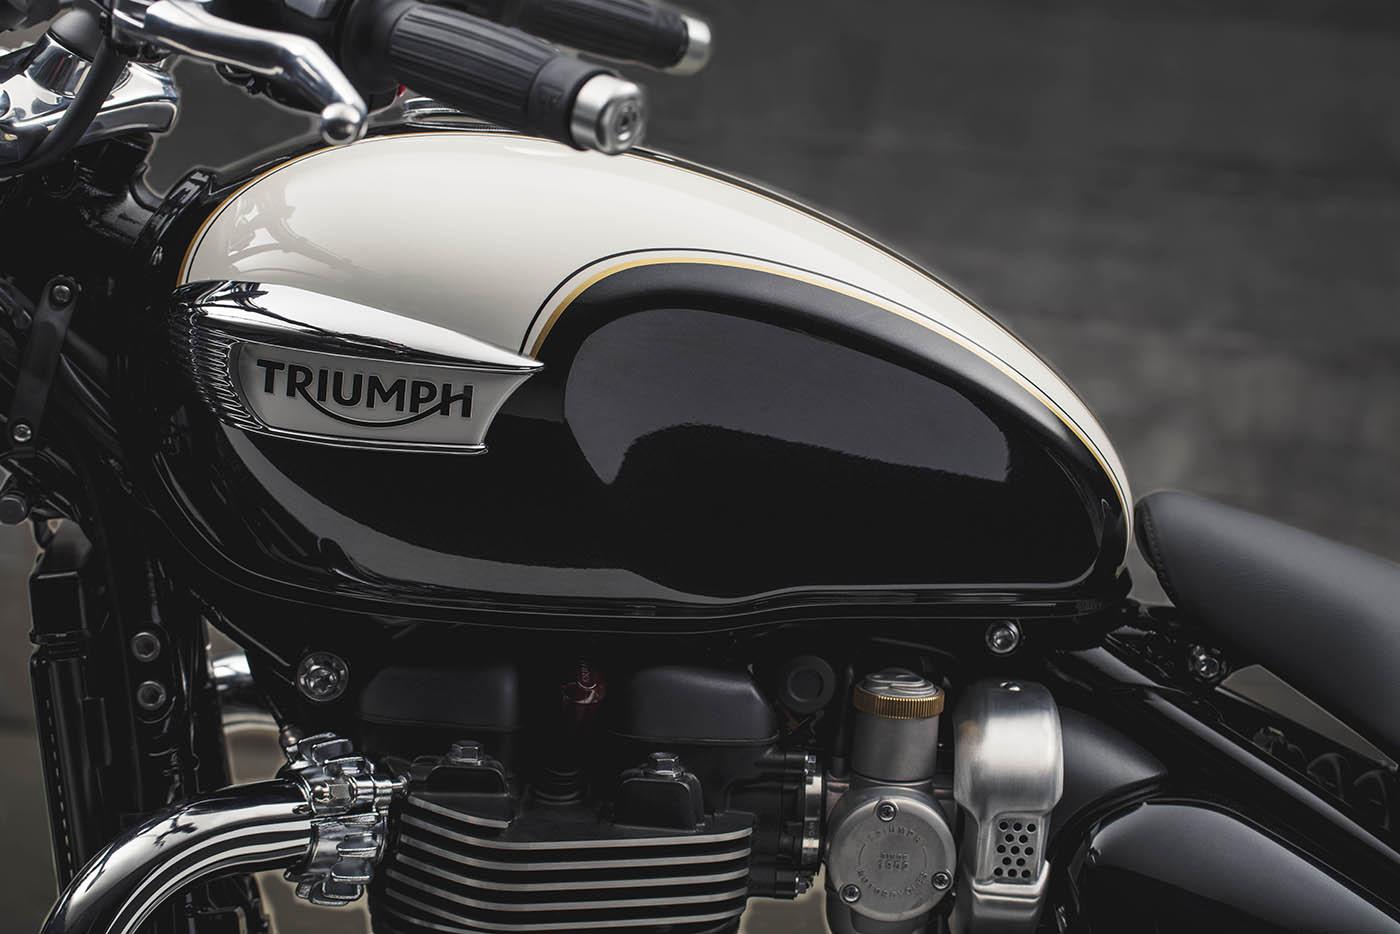 triumph-bonneville-speedmaster-2018-4.jpg